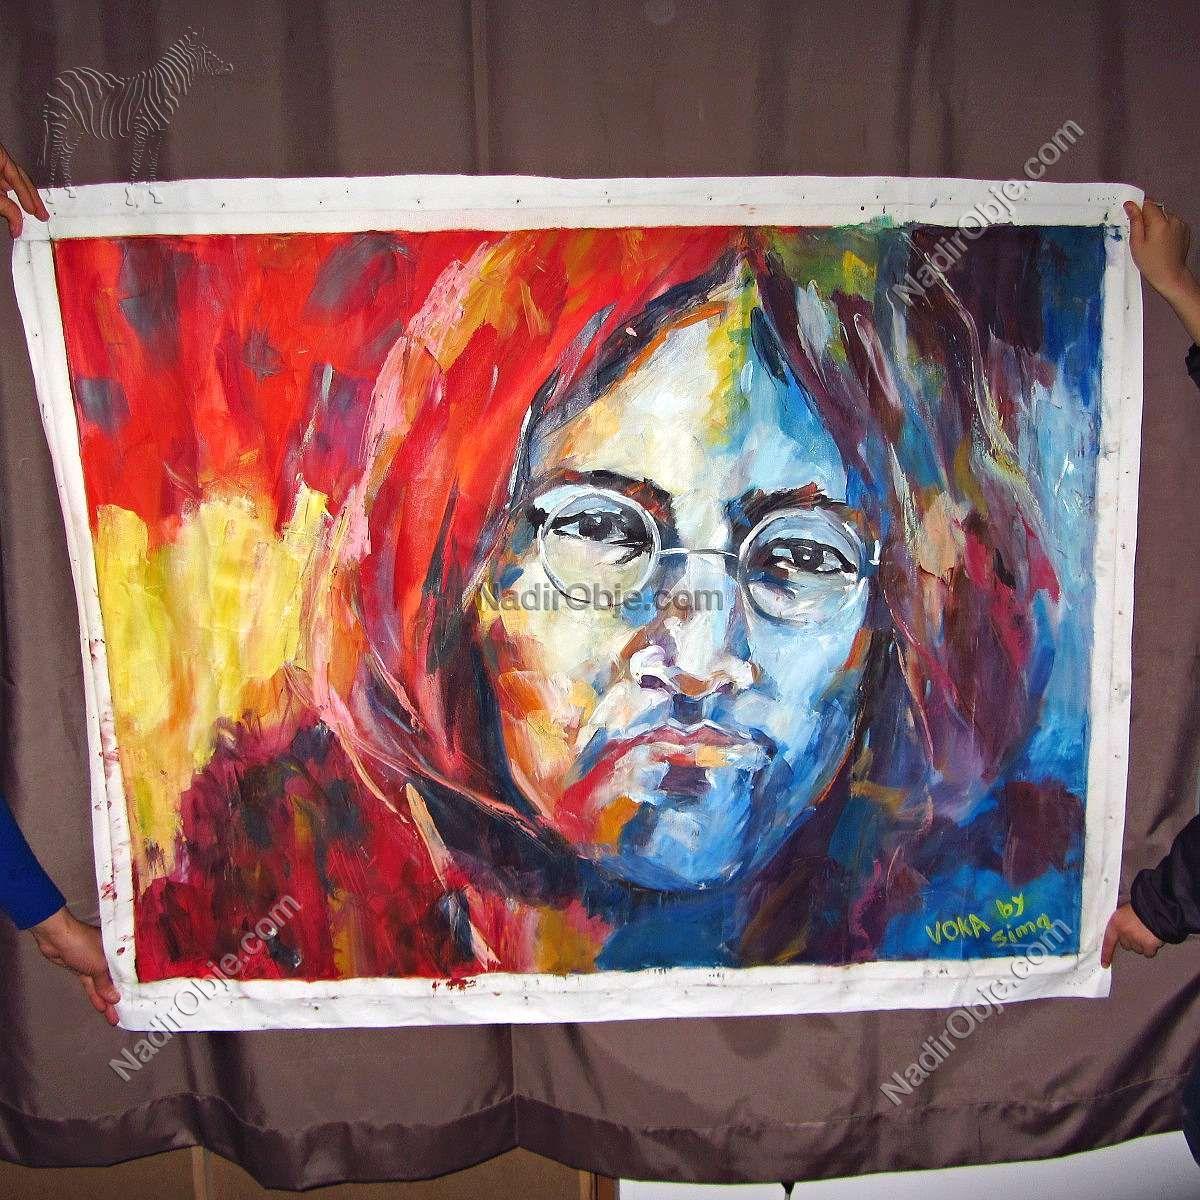 John Lennon Yağlı Boya Tablo (Voka by Sima) Diğer Objeler John Lennon